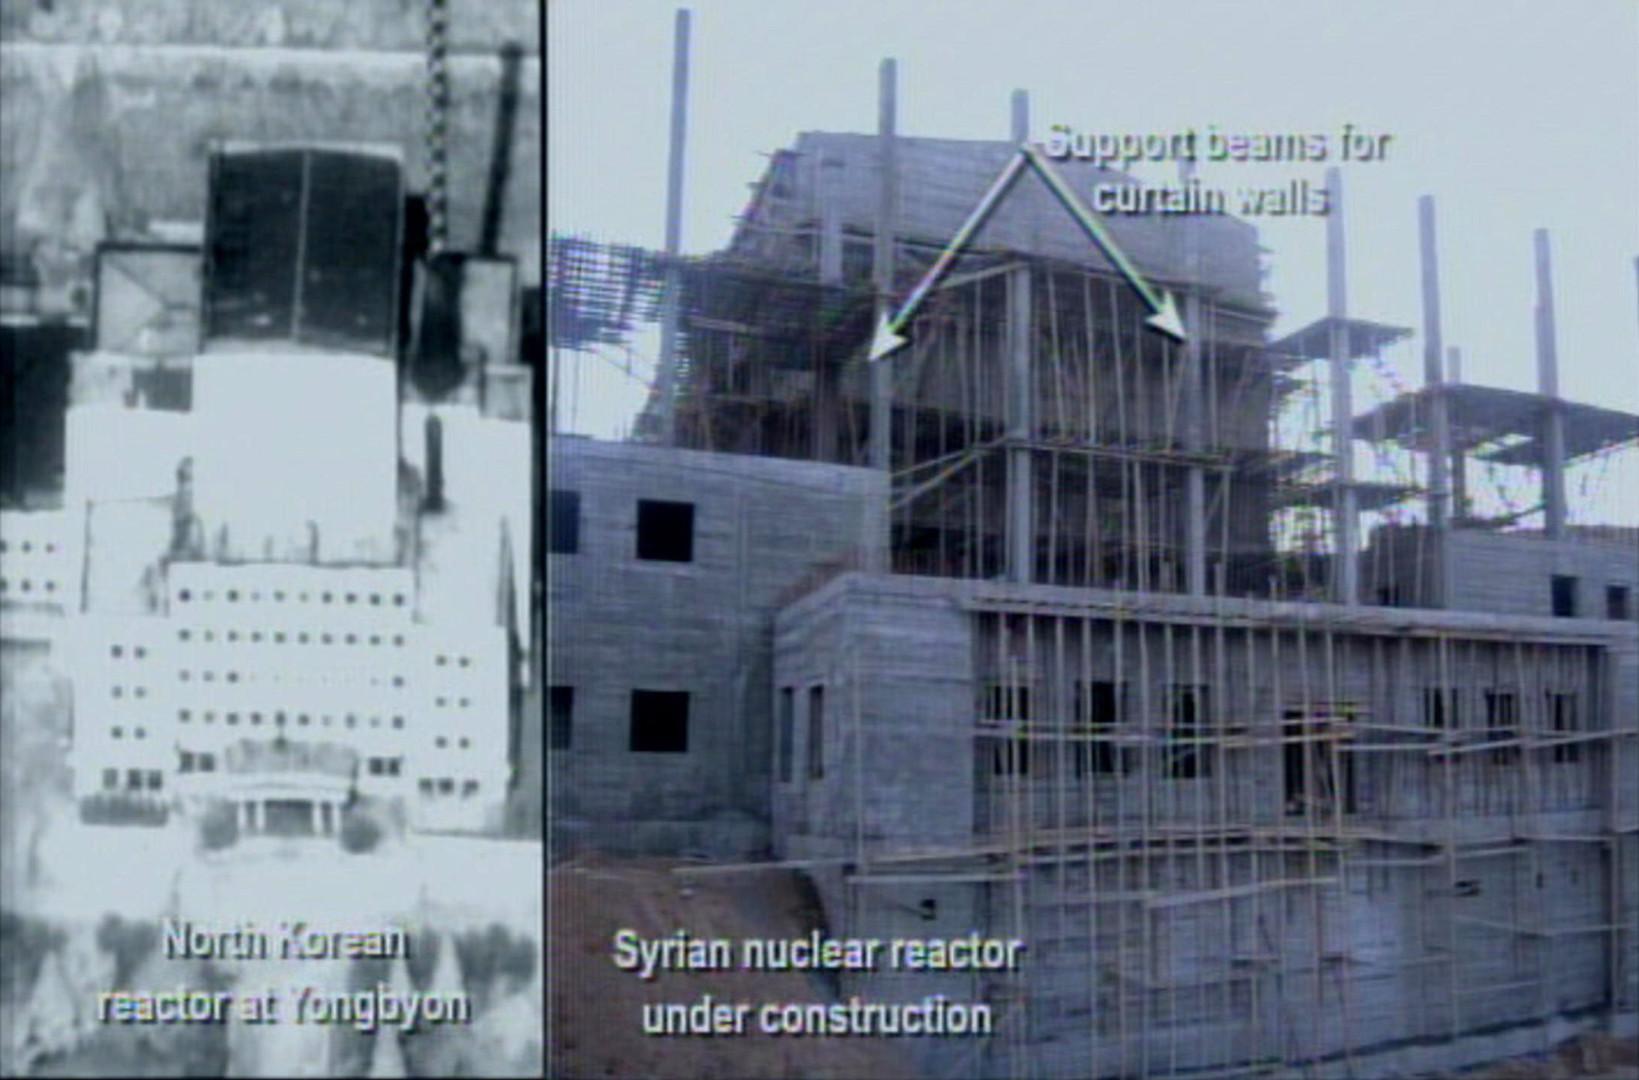 Nach israelischem Angriff auf angeblichen Atomreaktor in Syrien: Atomenergiebehörde fälschte Beweise